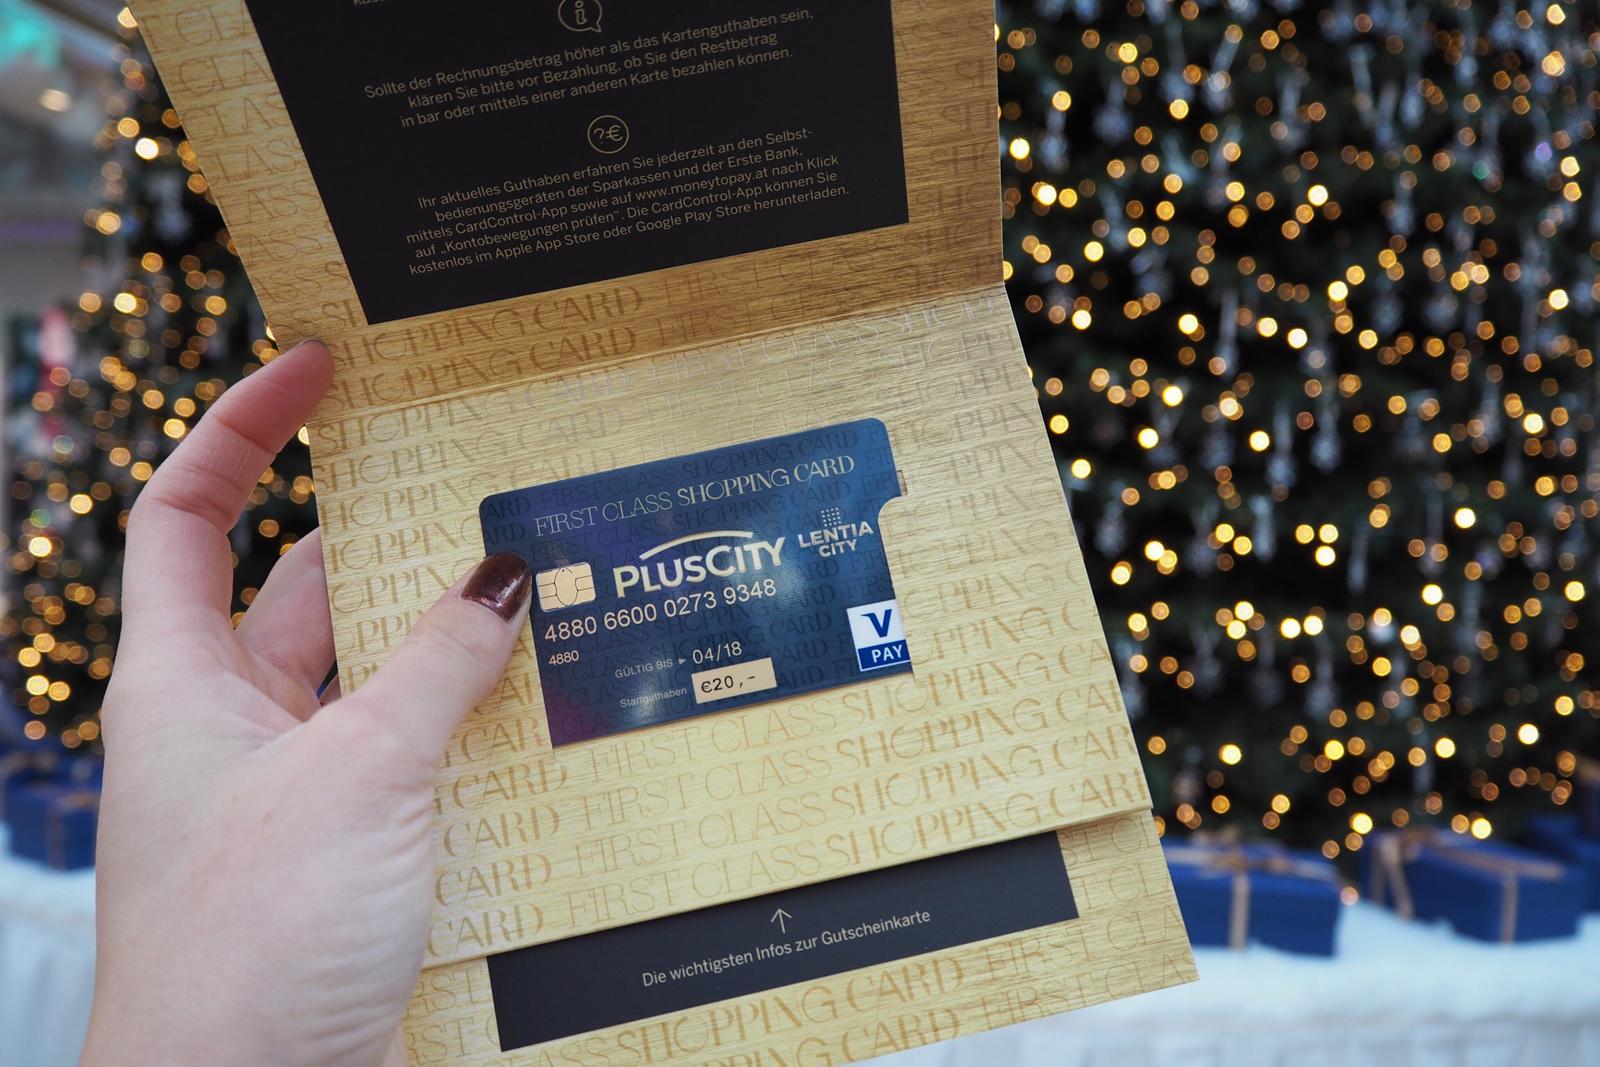 PlusCity-Weihnachtsgeschenke-Geschenktipps-Shopping-Tipps-Haul-Suechtig-nach-Lifestyleblog-Fashionblog-Foodblog-Oberoesterreich-Linz 29